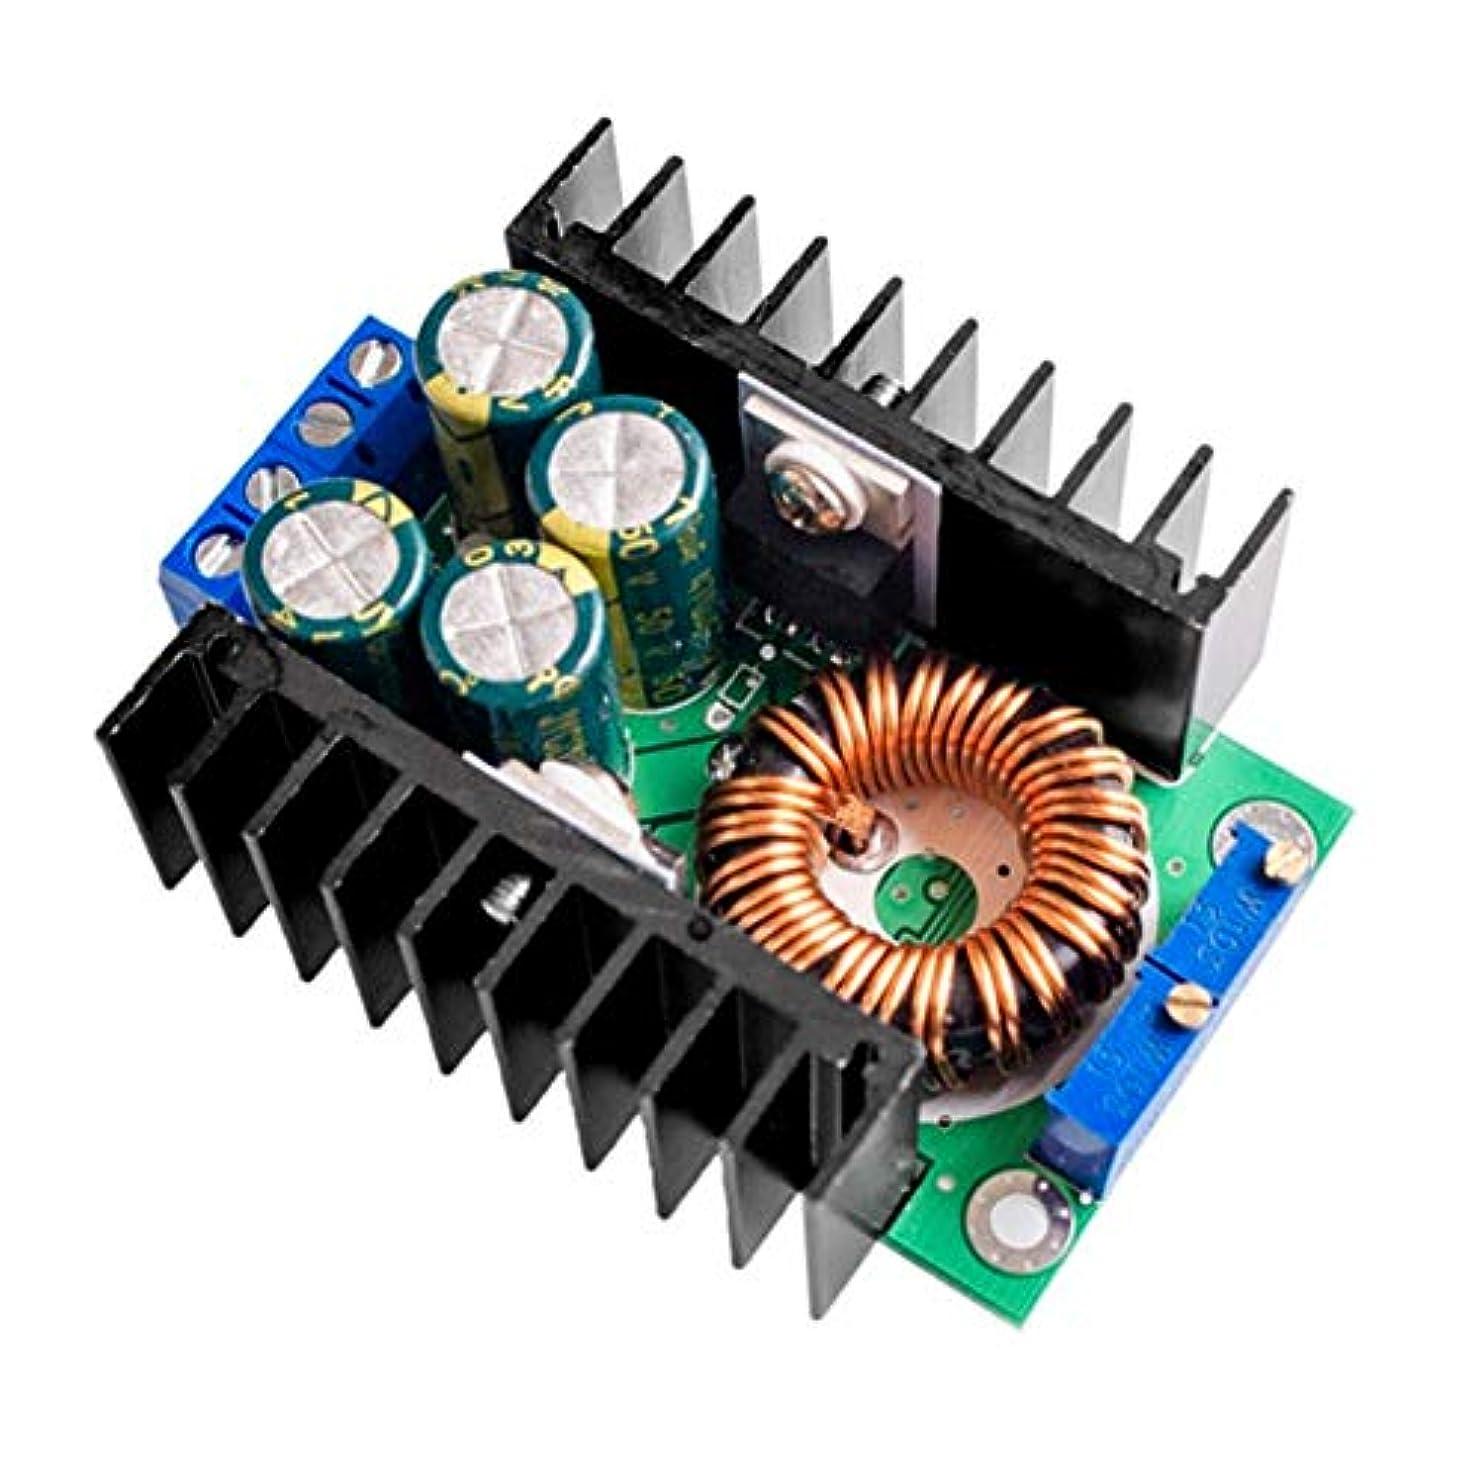 荒れ地病気ティーンエイジャーFuntoget パワーモジュール、ヒートベッドパワーモジュール、充電モジュール、降圧型コンバータ、DC-DC CC CV降圧型コンバータ降圧型電源モジュール7-32V?0.8-28V 12A 300W